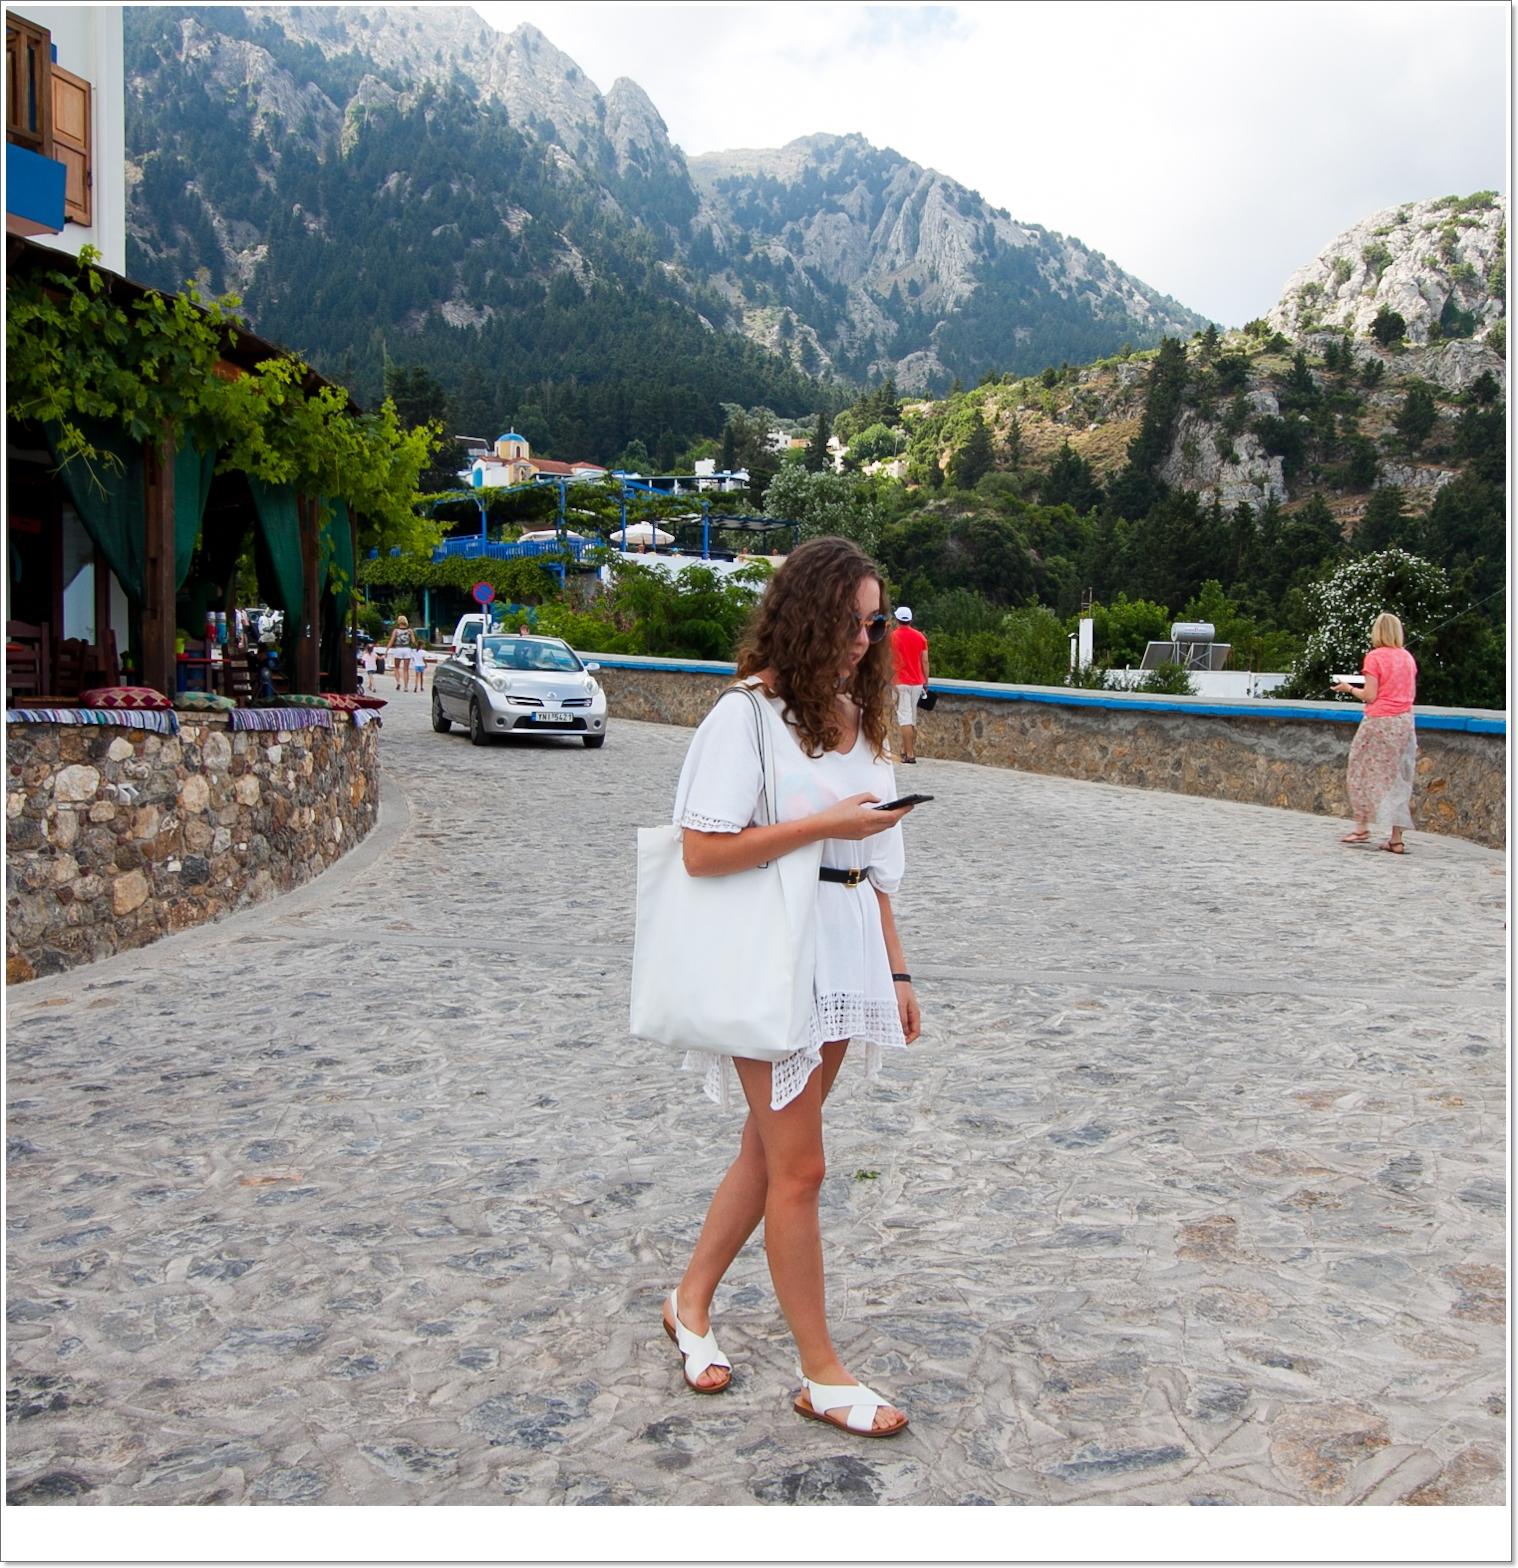 malownicza miejscowość położona w górach Zia